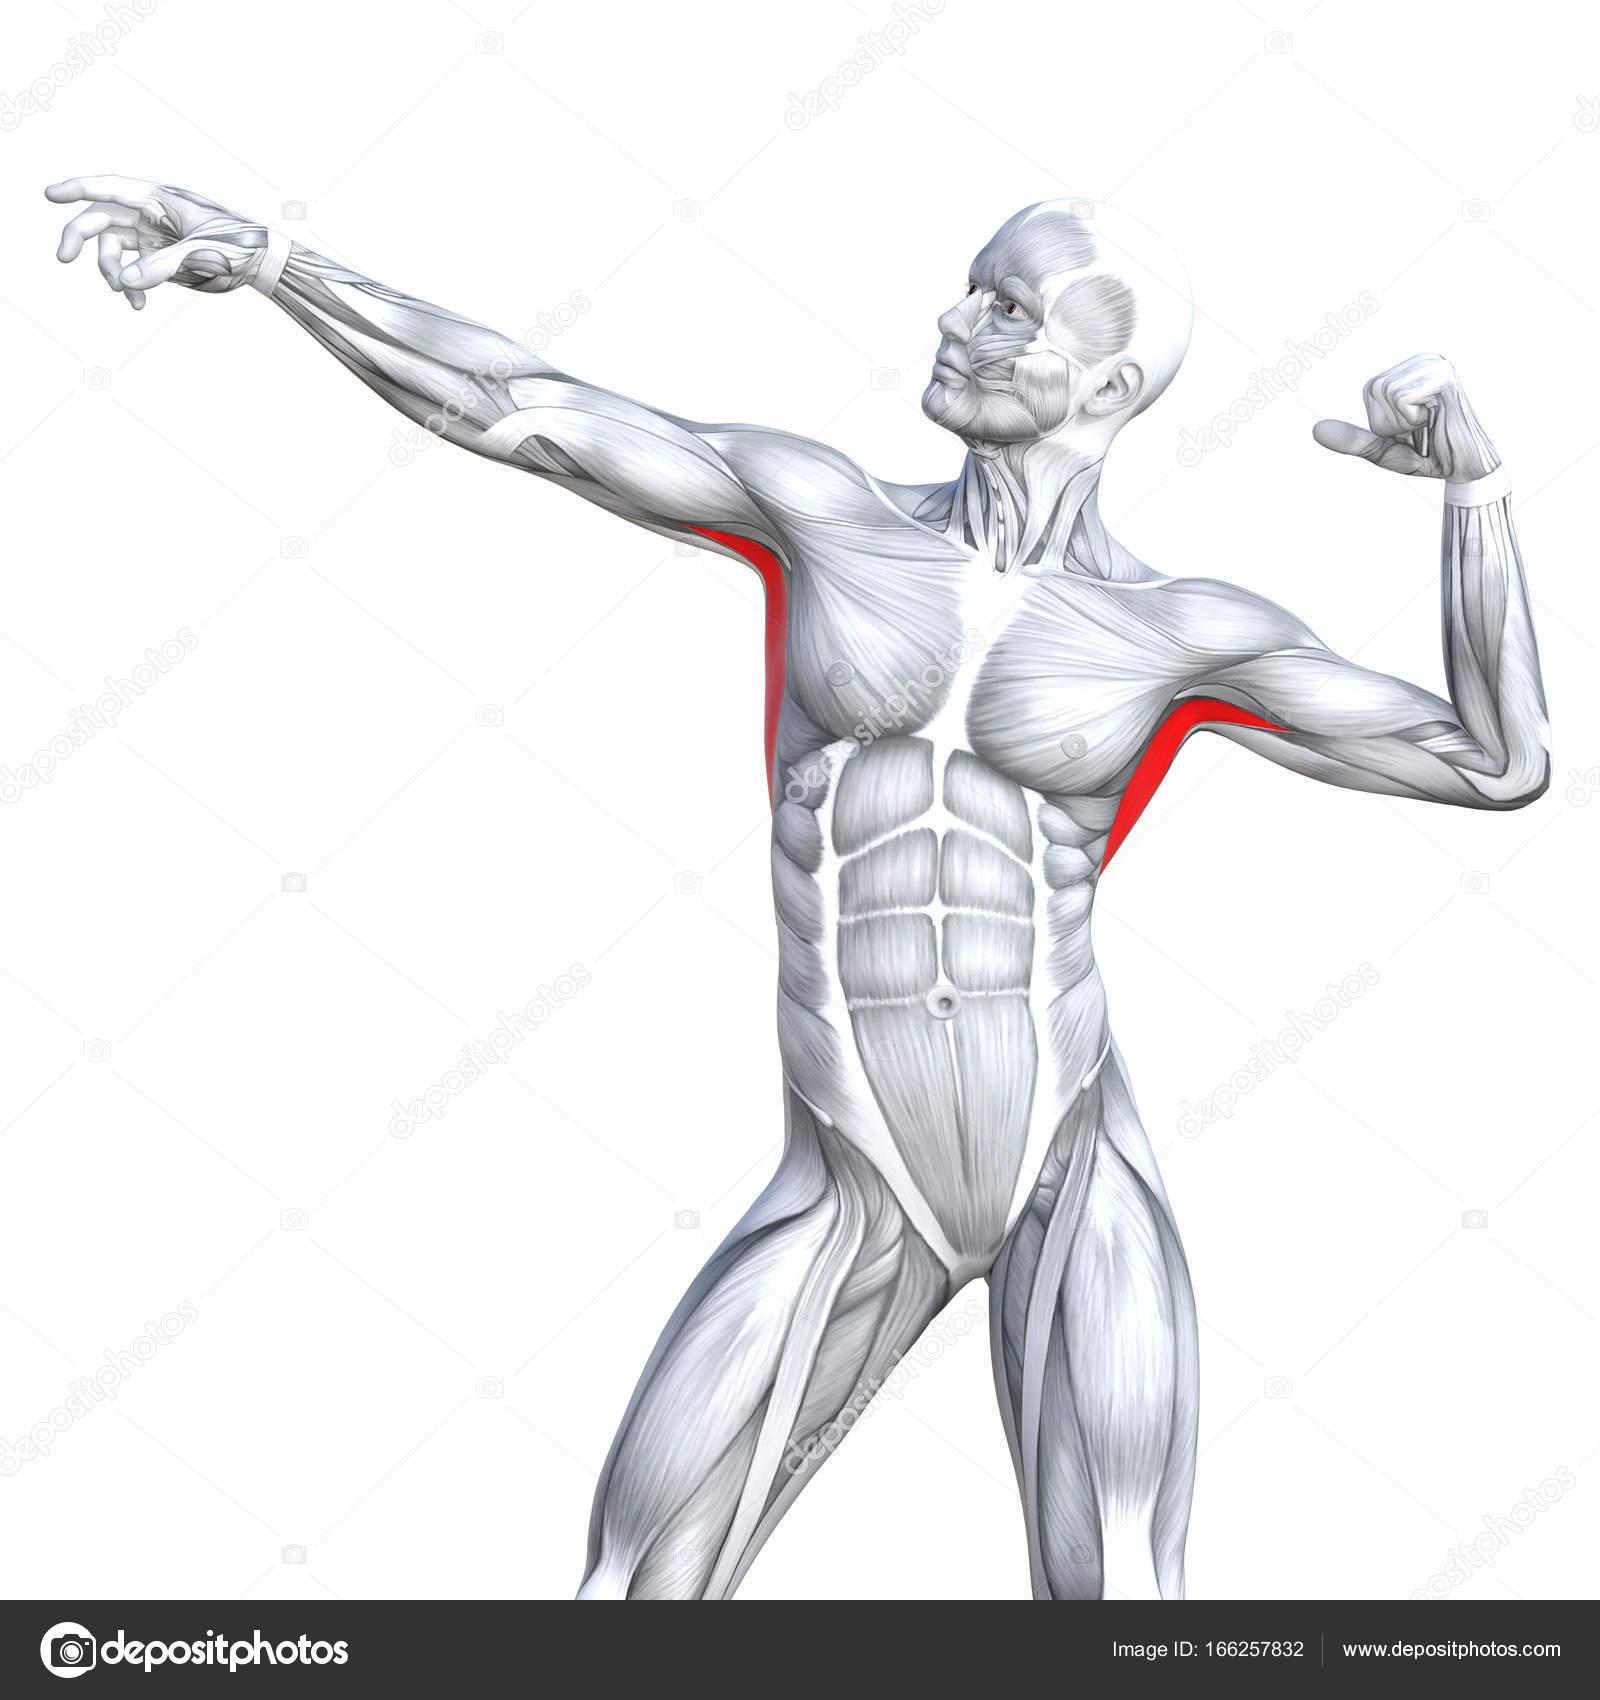 grundlegende menschliche Anatomie — Stockfoto © design36 #166257832